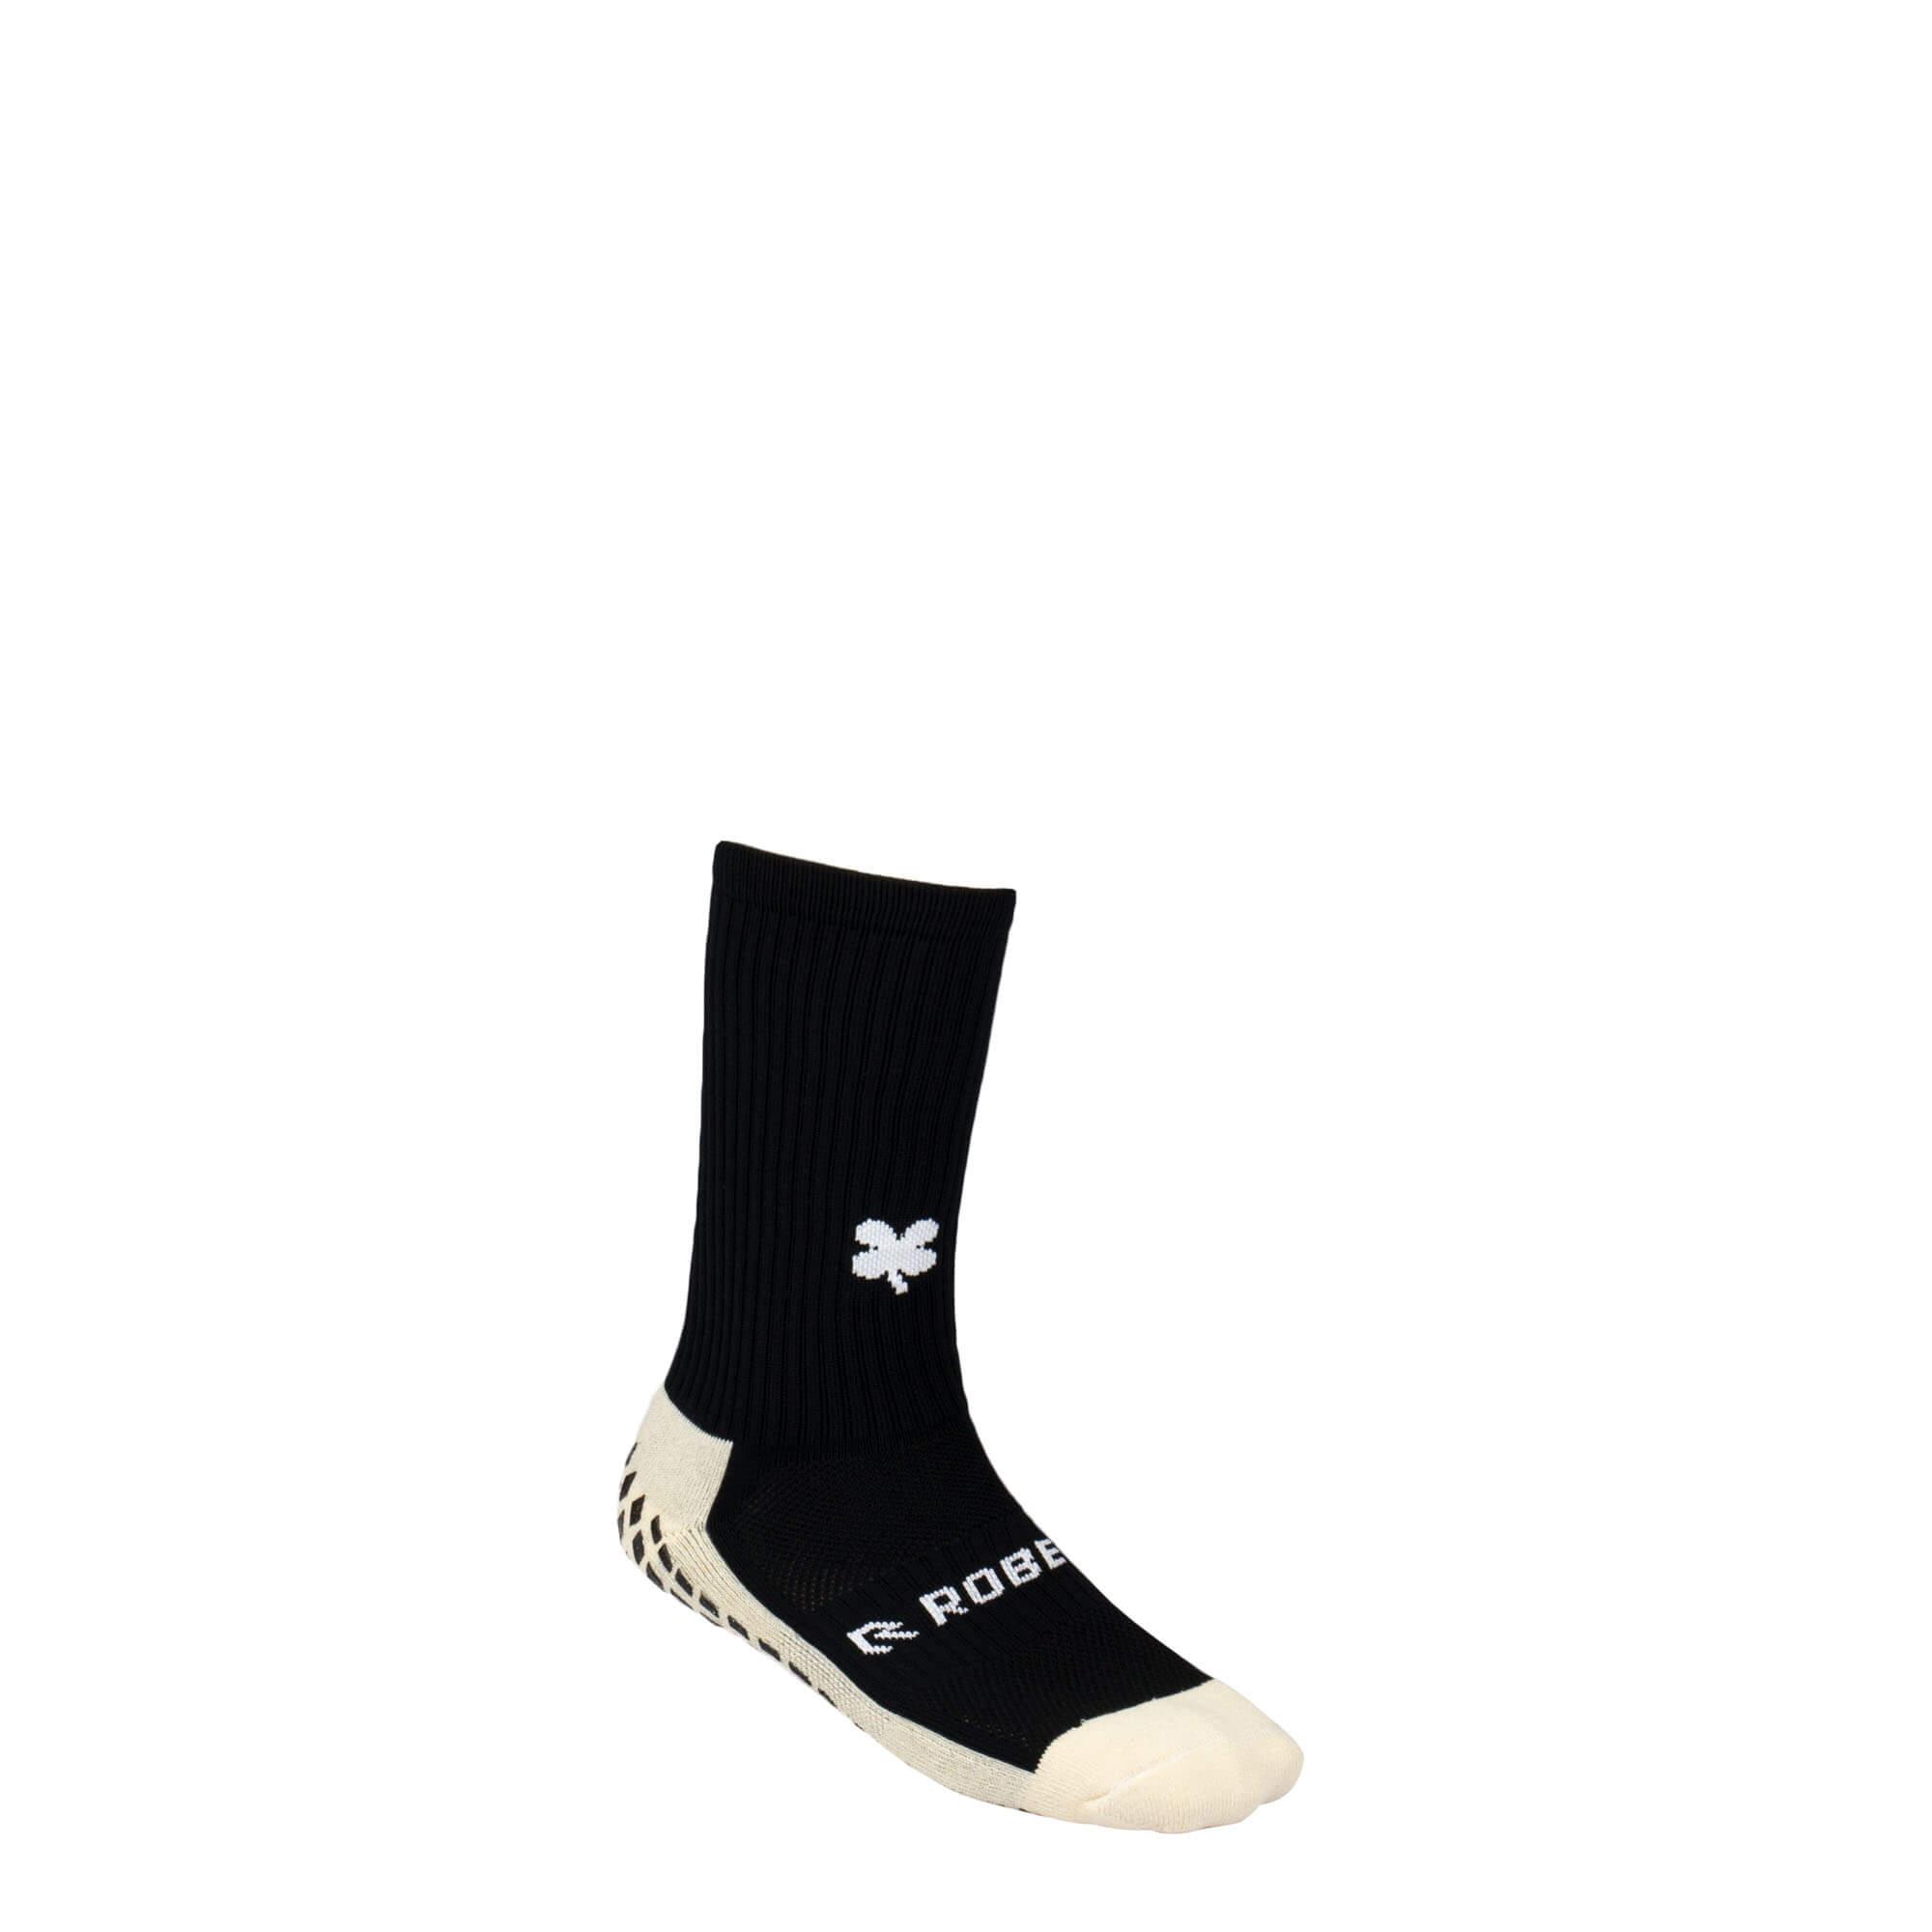 De Robey Grip Socks Black zijn vochtregulerende sokken met speciale grip pads voor een perfect anti-slip effect, hierdoor heb je geen wrijving meer in je kicksen.